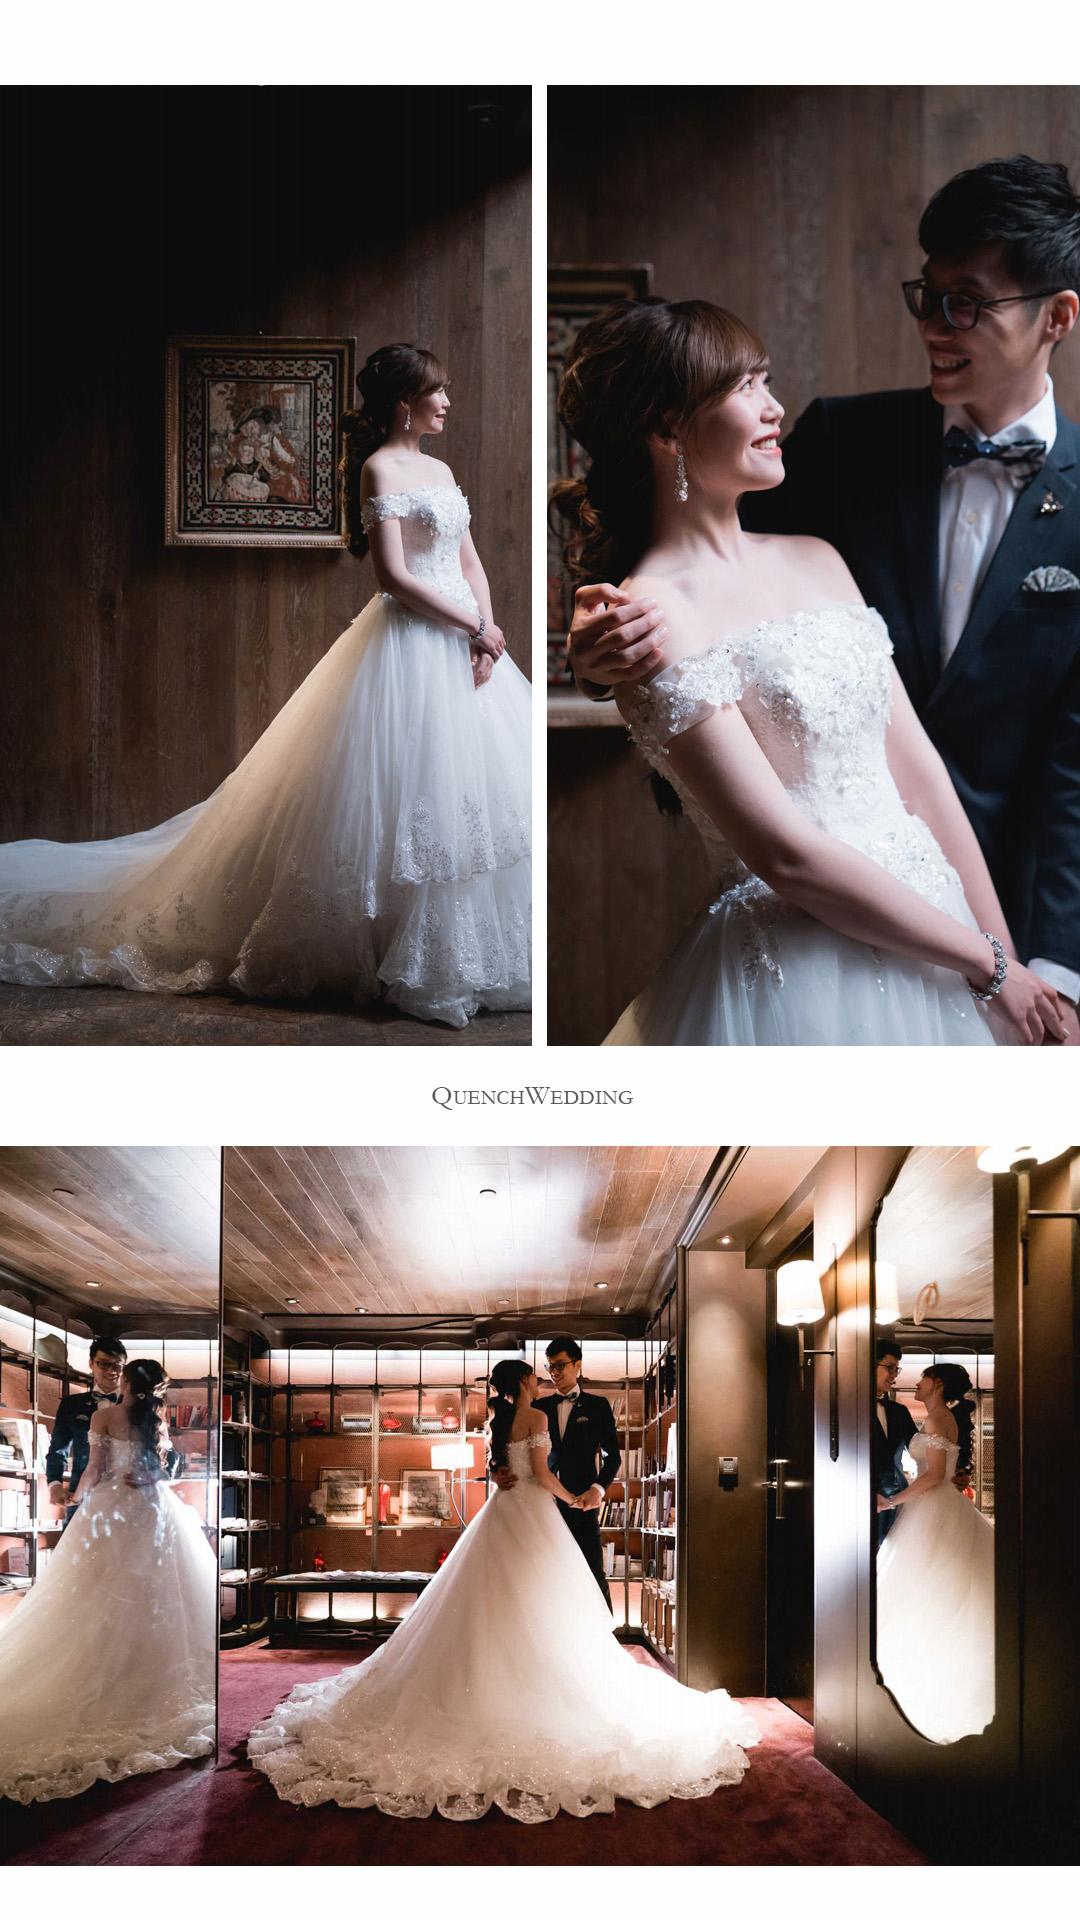 婚攝,婚攝推薦,君品酒店 婚禮,君品酒店